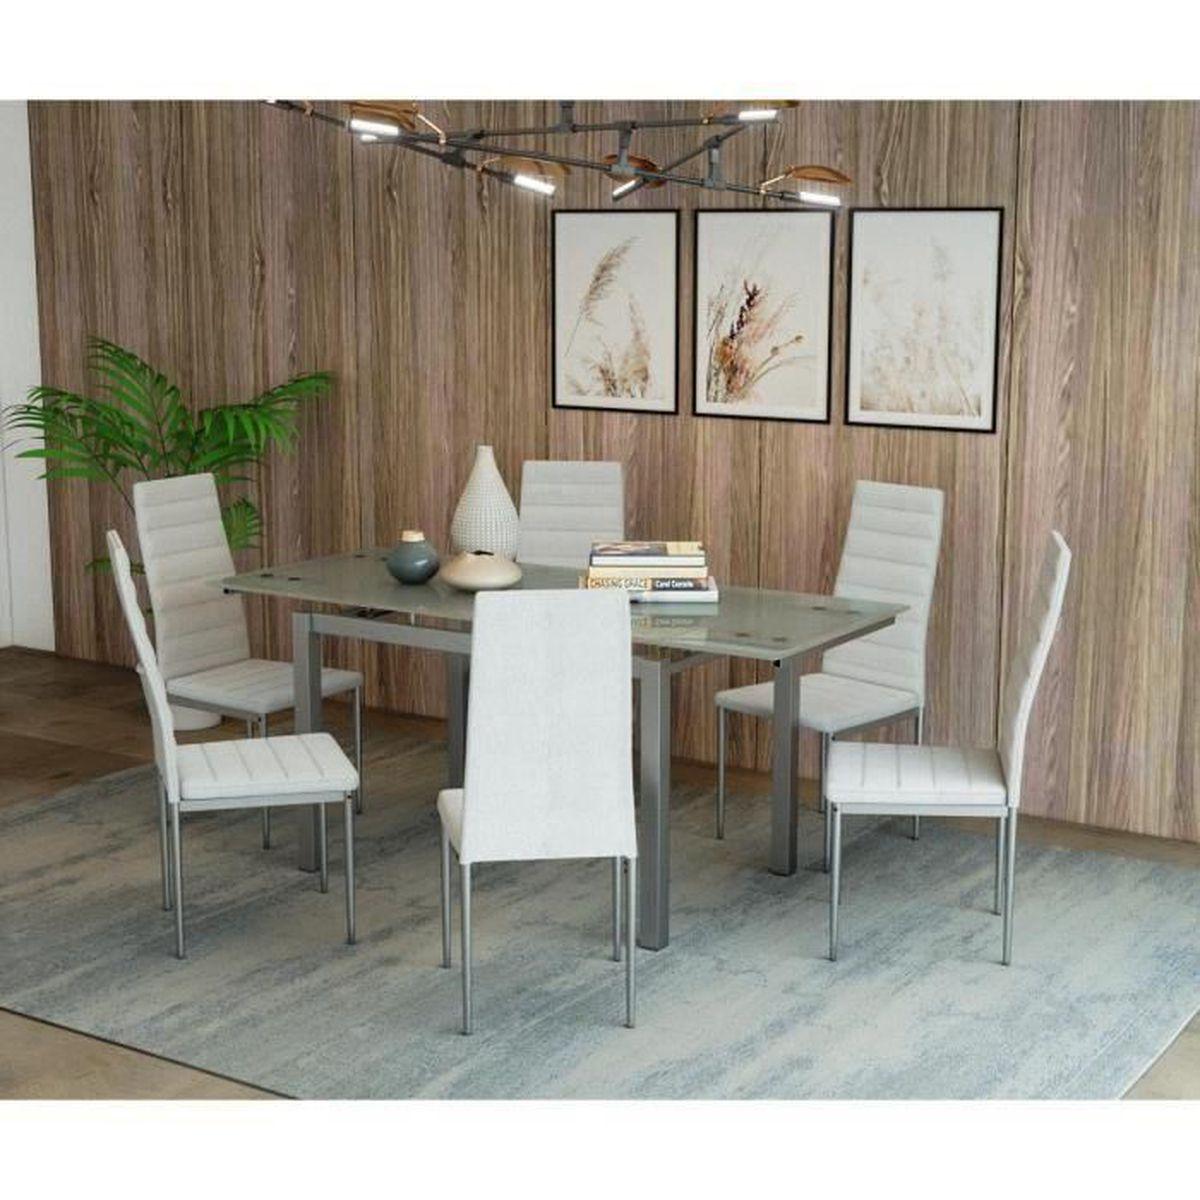 Table Salle A Manger Carré Avec Rallonge table blanche avec rallonge